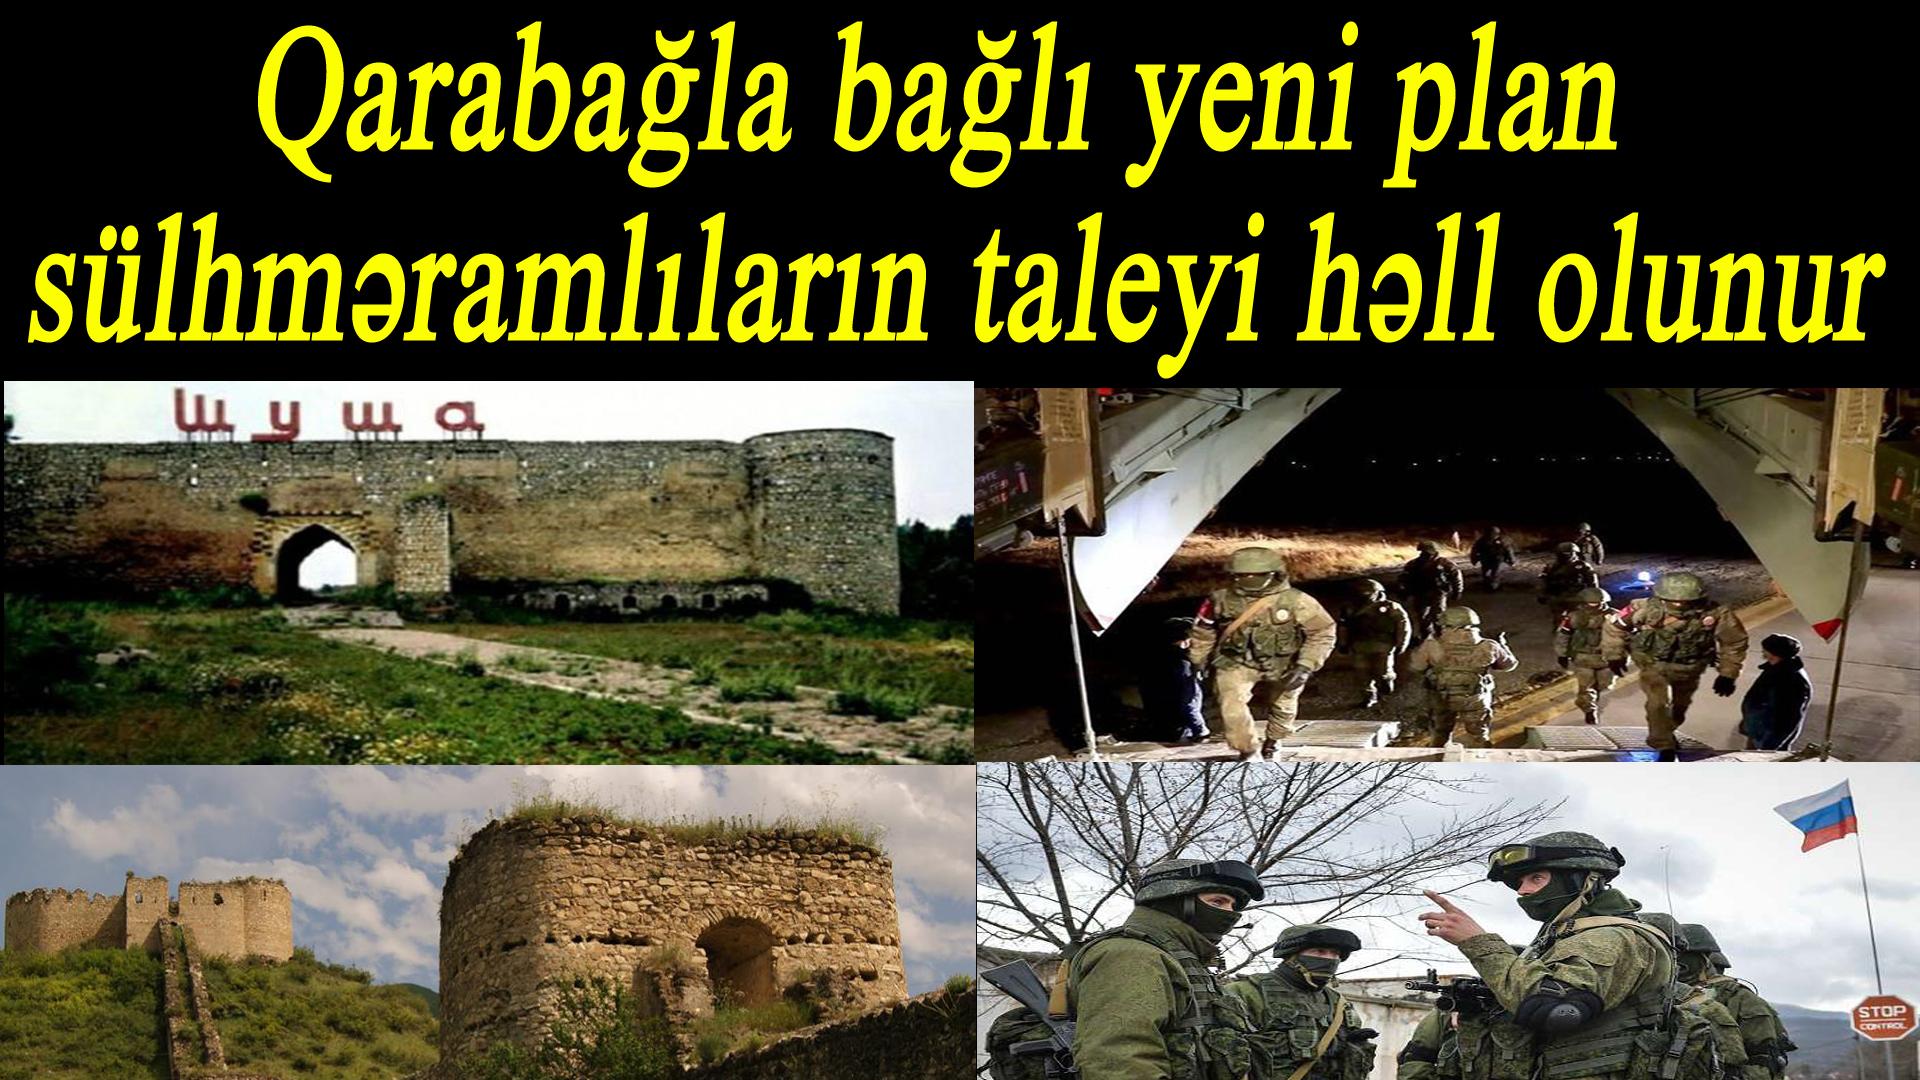 Qarabağla bağlı yeni plan – Sülhməramlıların taleyi həll olunur: VİDEO